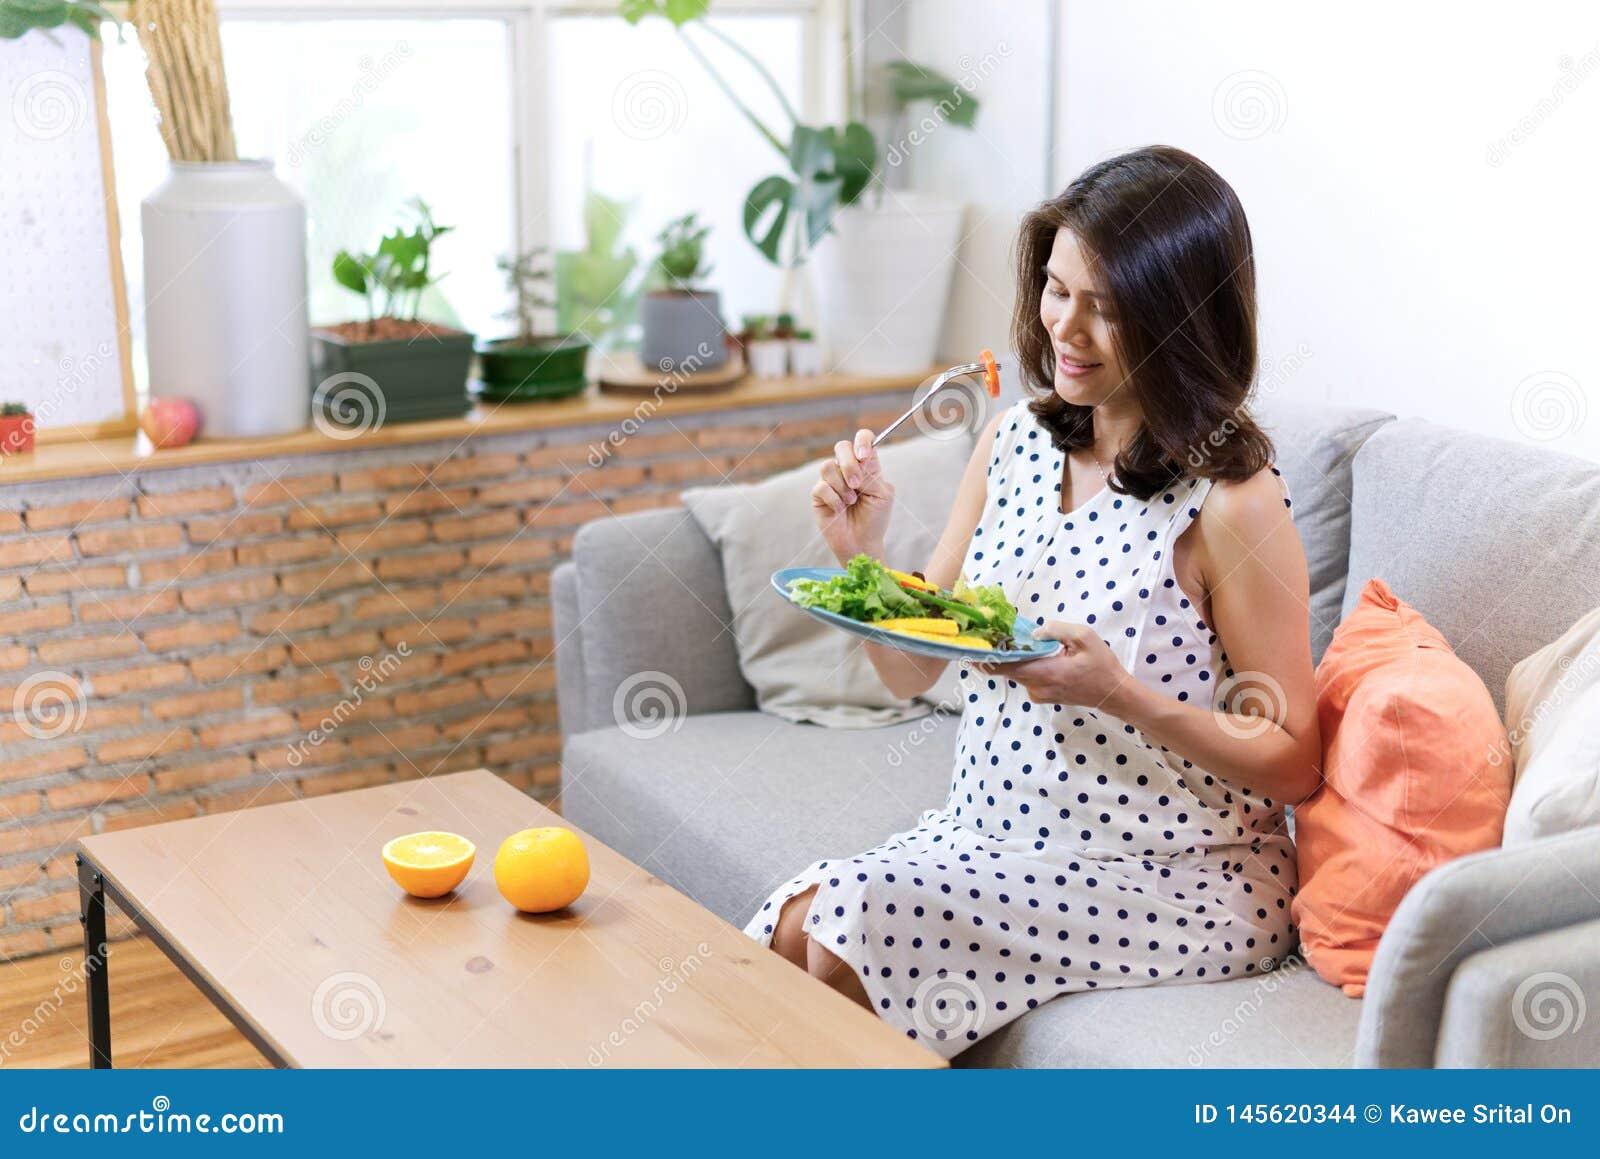 Le belle donne incinte asiatiche che si siedono sul sofà sta avendo insalata per la sua prima colazione che alcune arance sono me